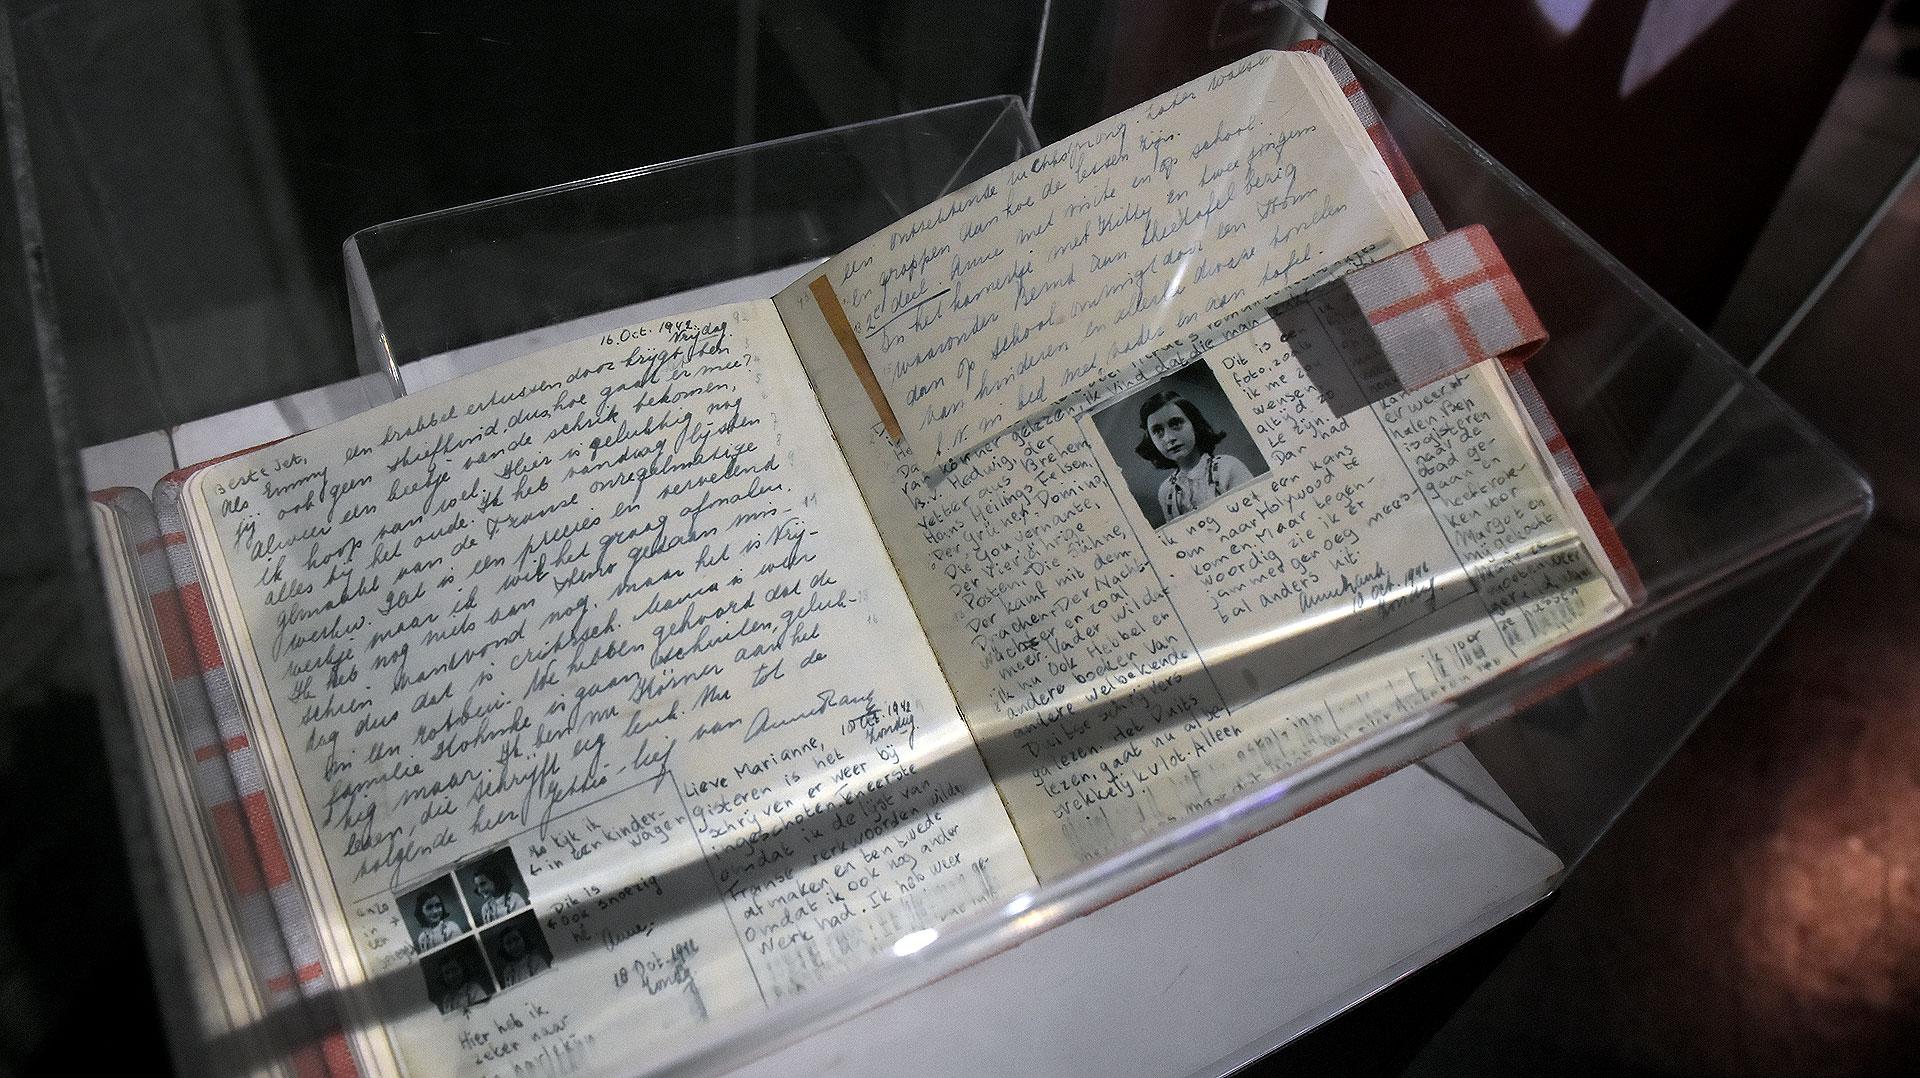 Ana Frank escribió un diario que refleja los atroces crímenes que ocurrieron durante la Segunda Guerra Mundial